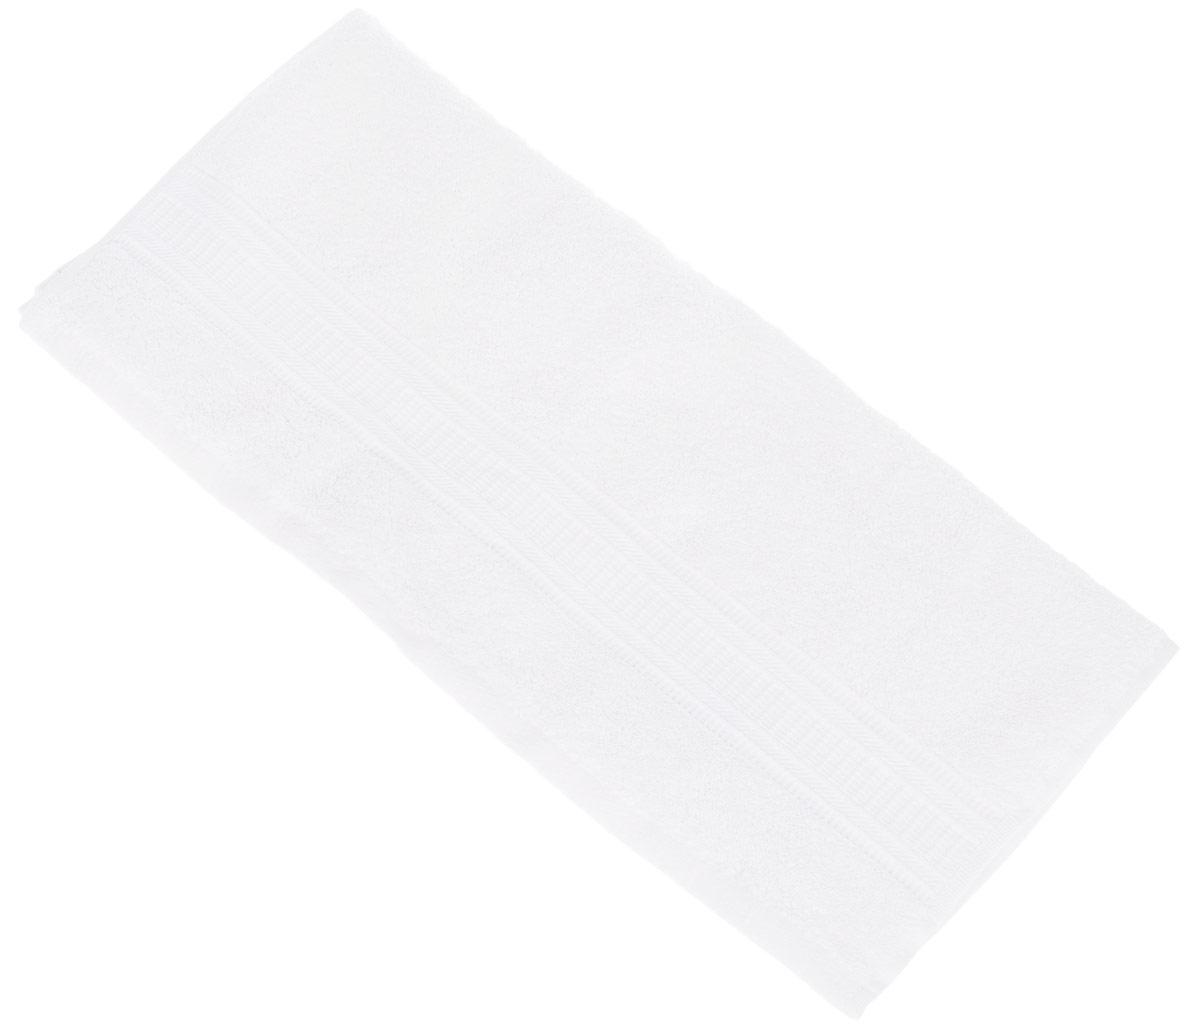 Полотенце TAC Mixandsleep, цвет: белый, 50 см х 90 см1201Махровое полотенце TAC Mixandsleep выполнено из приятного на ощупь натурального хлопка кремового цвета и декорировано изящным орнаментом. Полотенце прекрасно впитывает влагу и легко стирается. Полотенце TAC Mixandsleep создаст атмосферу уюта и комфорта в вашем доме. Хлопок - это волшебный цветок, хранящий в своем сердце тепло и нежность. Человек начал использовать волокна этих растений еще в глубокой древности. Этот натуральный материал обладает такими свойствами как гигроскопичность и гипоаллергенность.